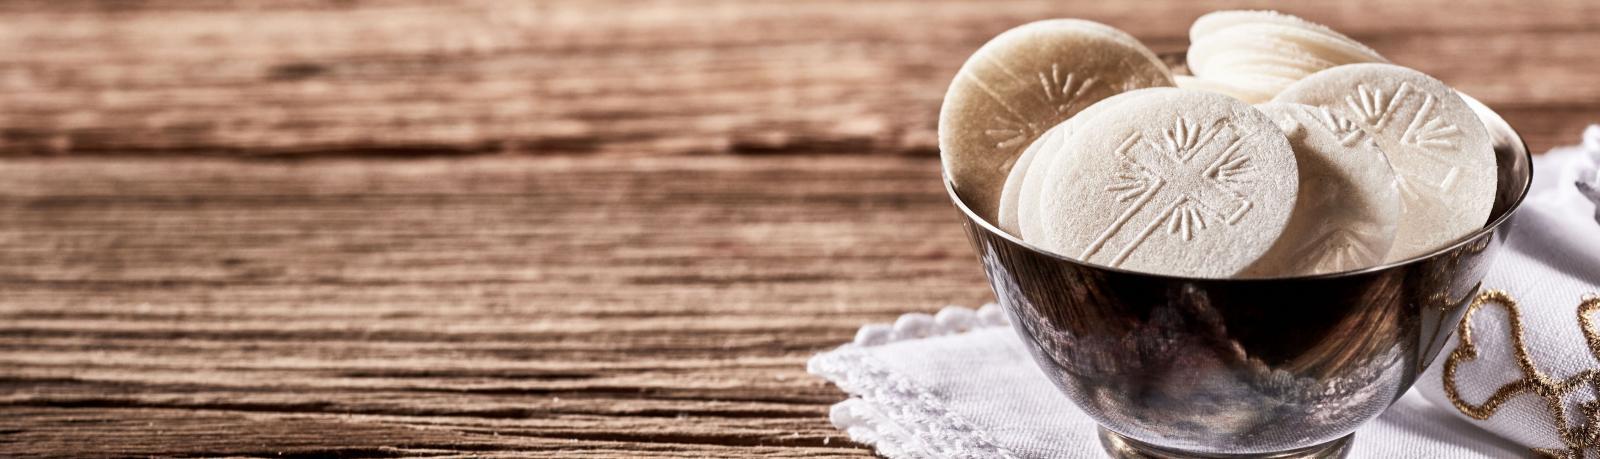 Les secrets du pain azyme de l'église - hostie sur table en bois